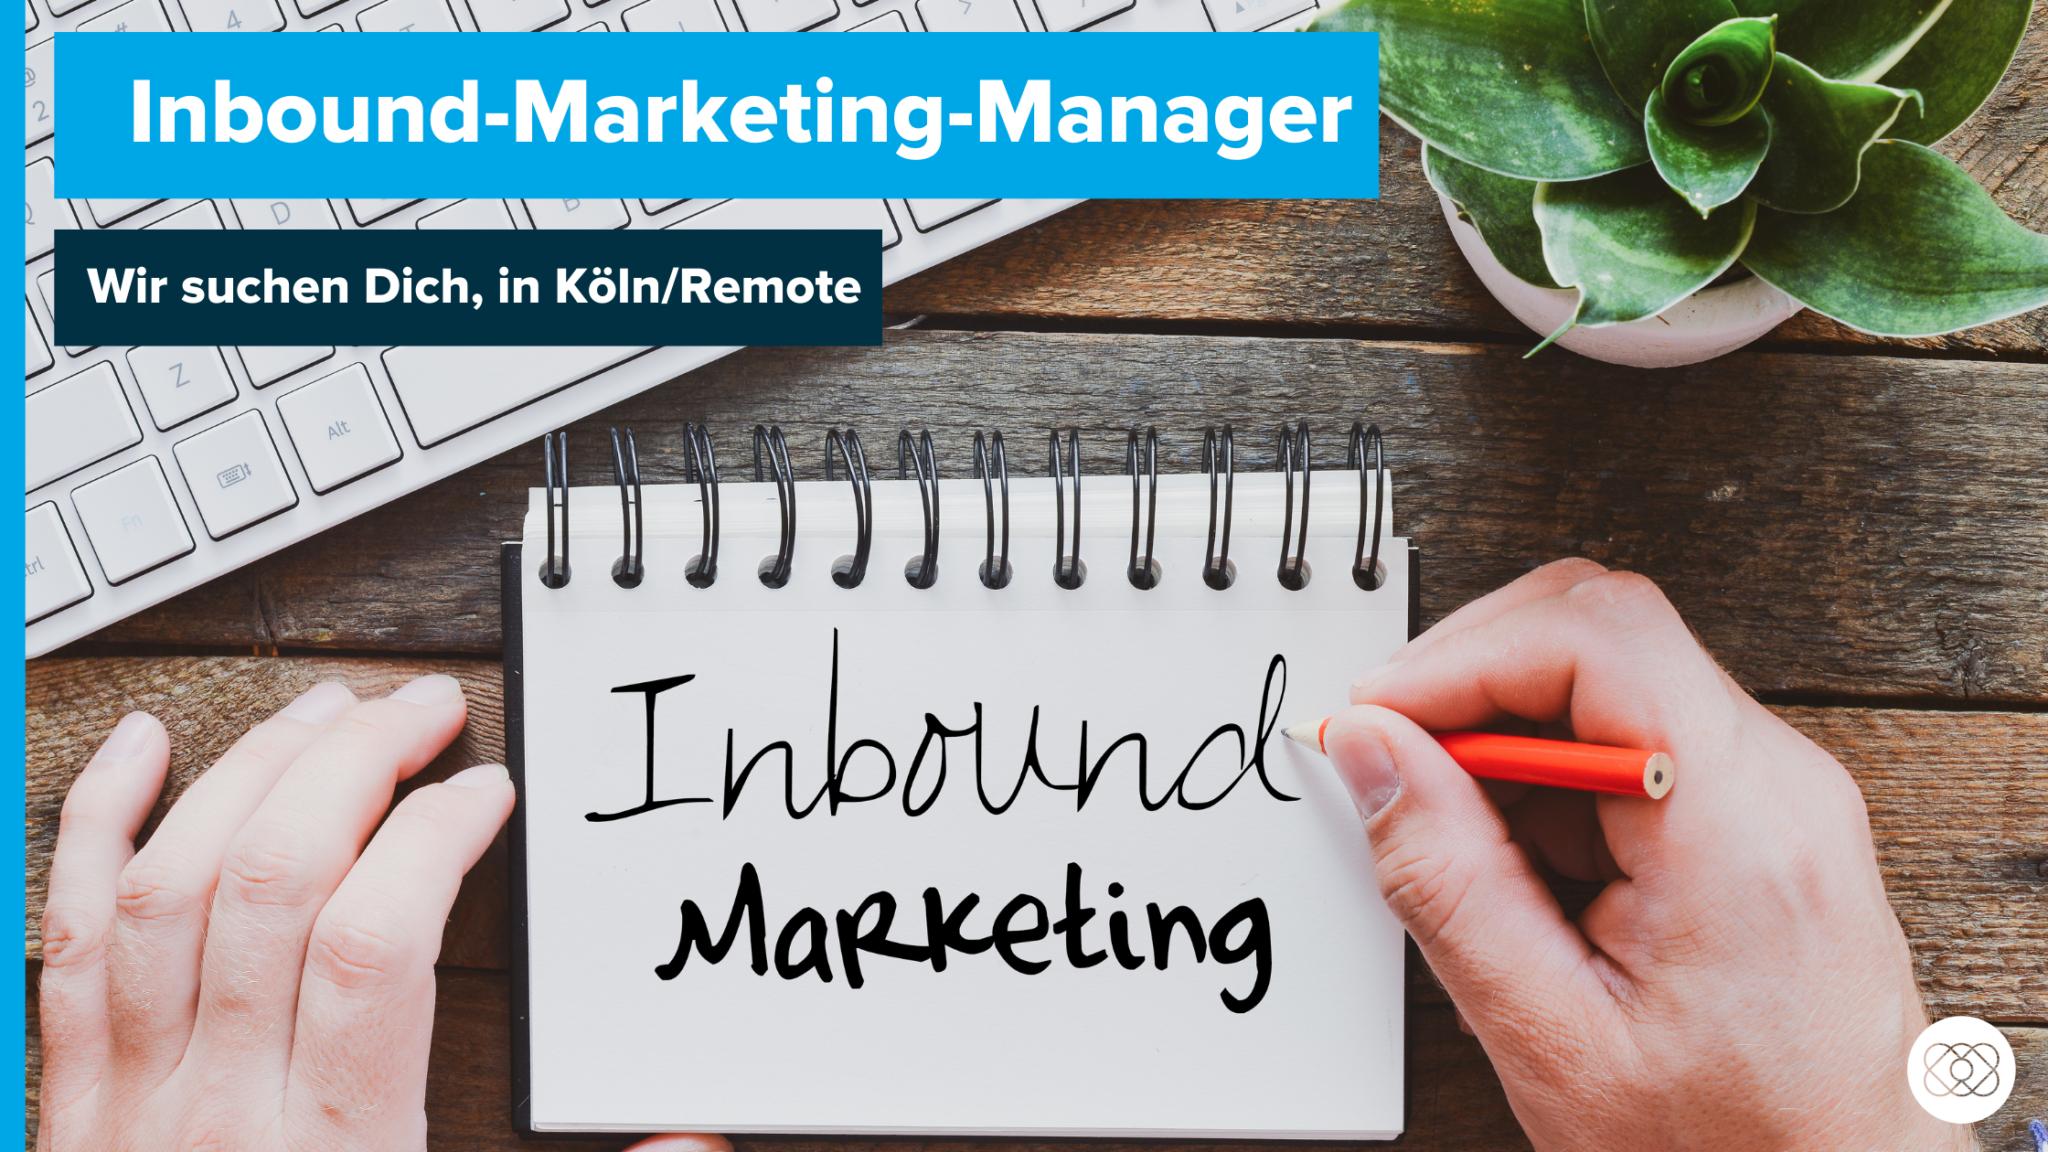 Inbound-Marketing-Manager Stelle bei Advidera